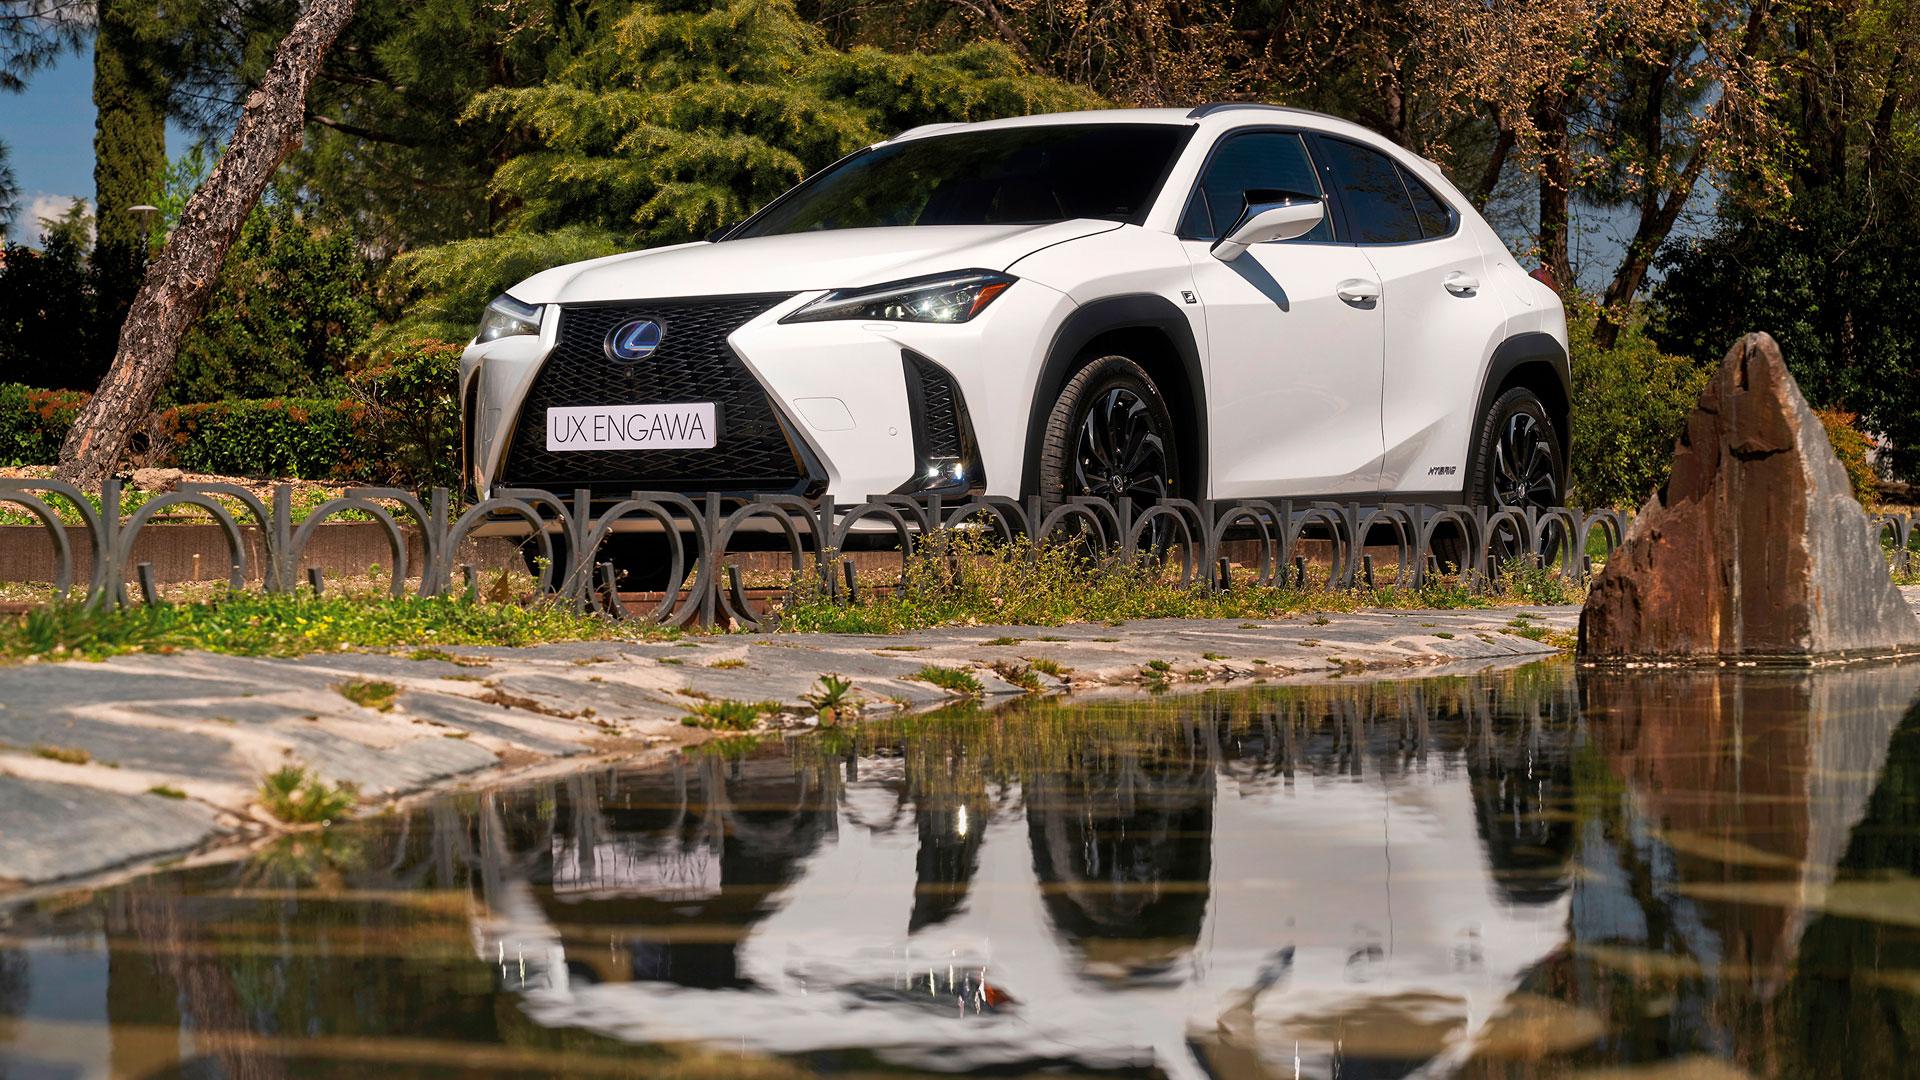 Imagen de la edición limitada Lexus UX Engawa